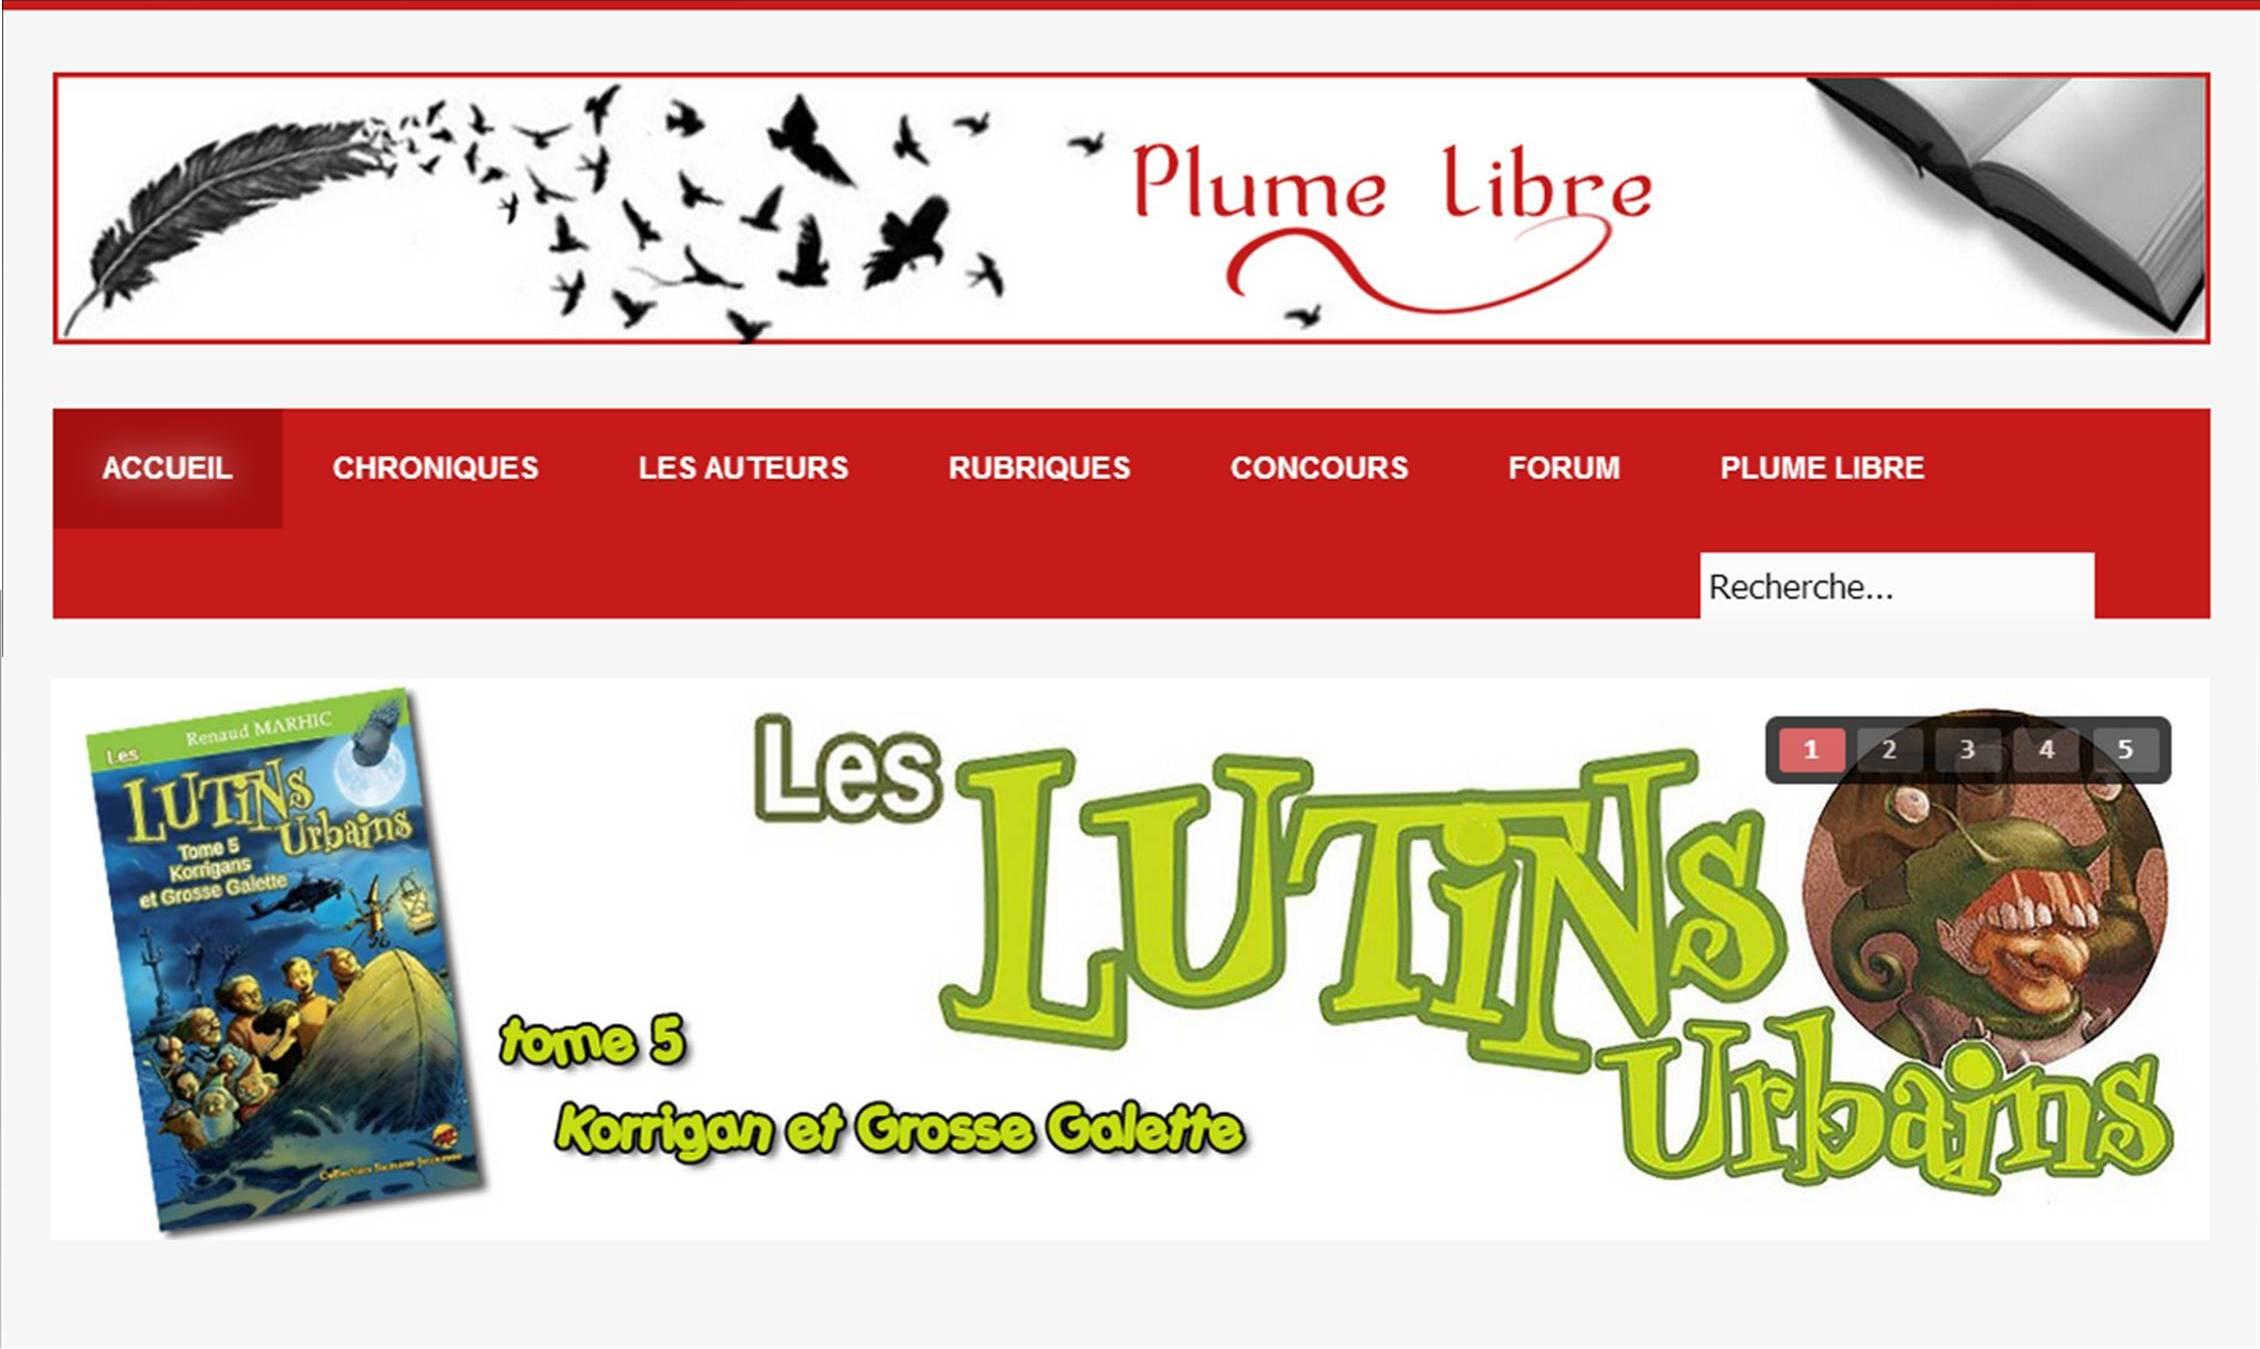 """""""Korrigans et Grosse Galette – Les Lutins Urbains tome 5"""" sur Plume Libre"""